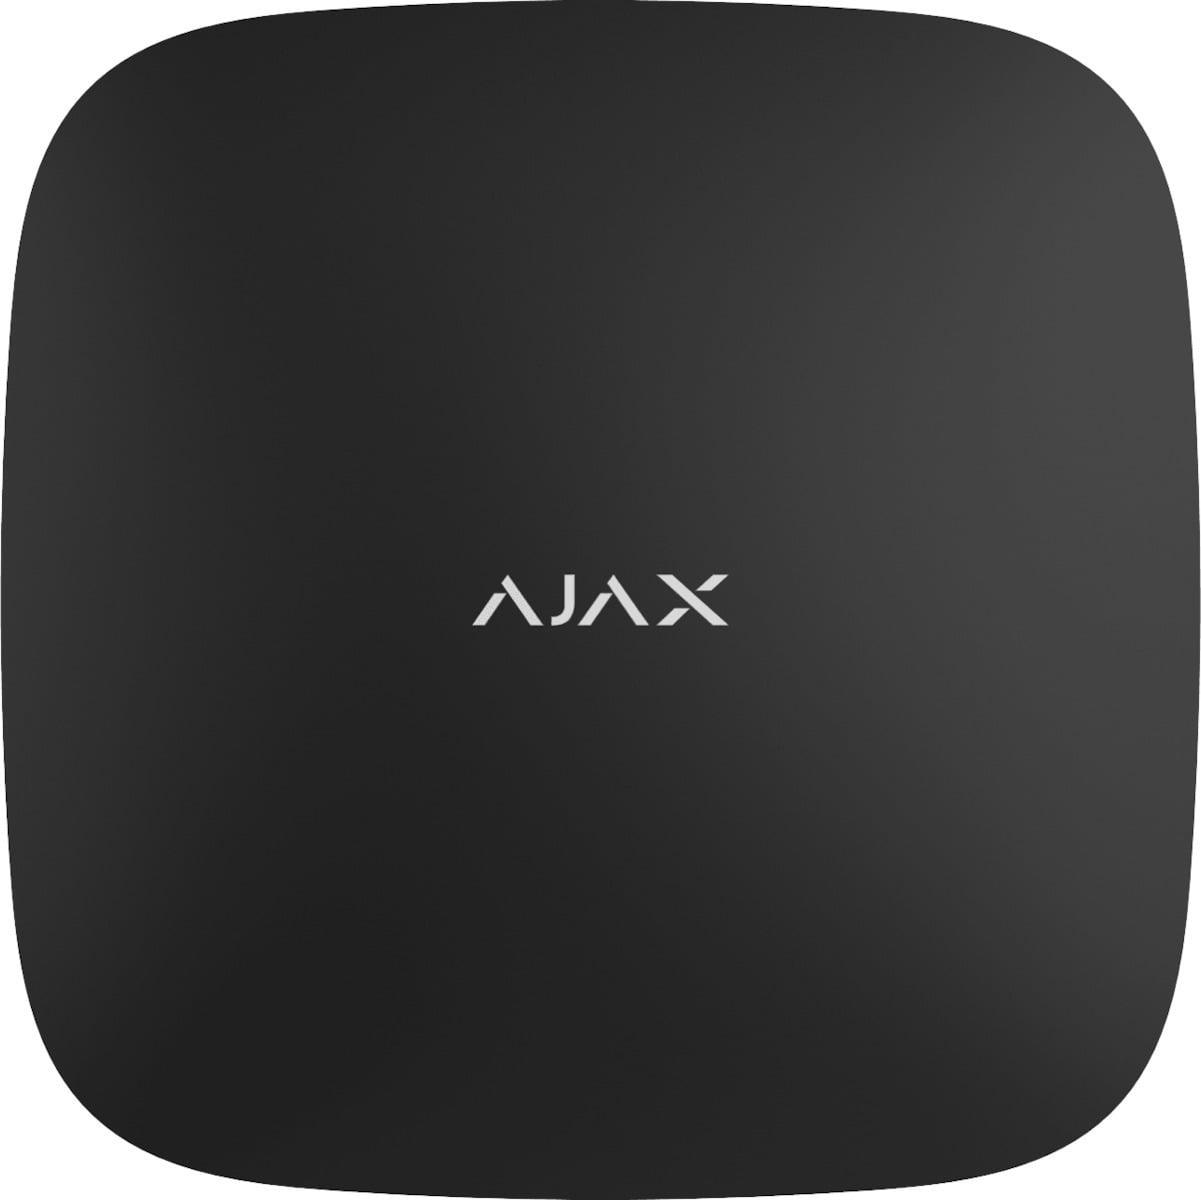 Μέγεθος: 163x163x36 mm Βάρος: 351 gr Τάση λειτουργίας: 110-240 V AC Εύρος θερμοκρασίας λειτουργίας: Από -10°C έως +40°C Συνδεσιμότητα: 2G, 3G, LTE, Wi-Fi (802.11 b/g/n), Ethernet Πρωτόκολλο επικοινωνίας: Jeweller (868.0-868.6 MHz) Εμβέλεια επικοινωνίας: Έως 2.000 μ (σε ανοιχτή περιοχή) Εφεδρική μπαταρία: Li-Ion 3 Ah (χρόνος αυτονομίας έως 15 ώρες*) Εφαρμογή για smartphone: iOS 9.1 ή νεότερο, Android 4.4 ή νεότερο Επίβλεψη βίντεο: Έως 100 κάμερες ή DVR Συμβατότητα με MotionCam: Διαθέσιμη Μέγιστος αριθμός χρηστών: 200 Μέγιστος αριθμός περιφερειακών: 200 Μέγιστος αριθμός ομάδων: 25 Μέγιστος αριθμός ReX: 5 Μέγιστος αριθμός σεναρίων: 65 Προστασία δολιοφθοράς (tamper): Διαθέσιμη *μόνο σύνδεση GSM